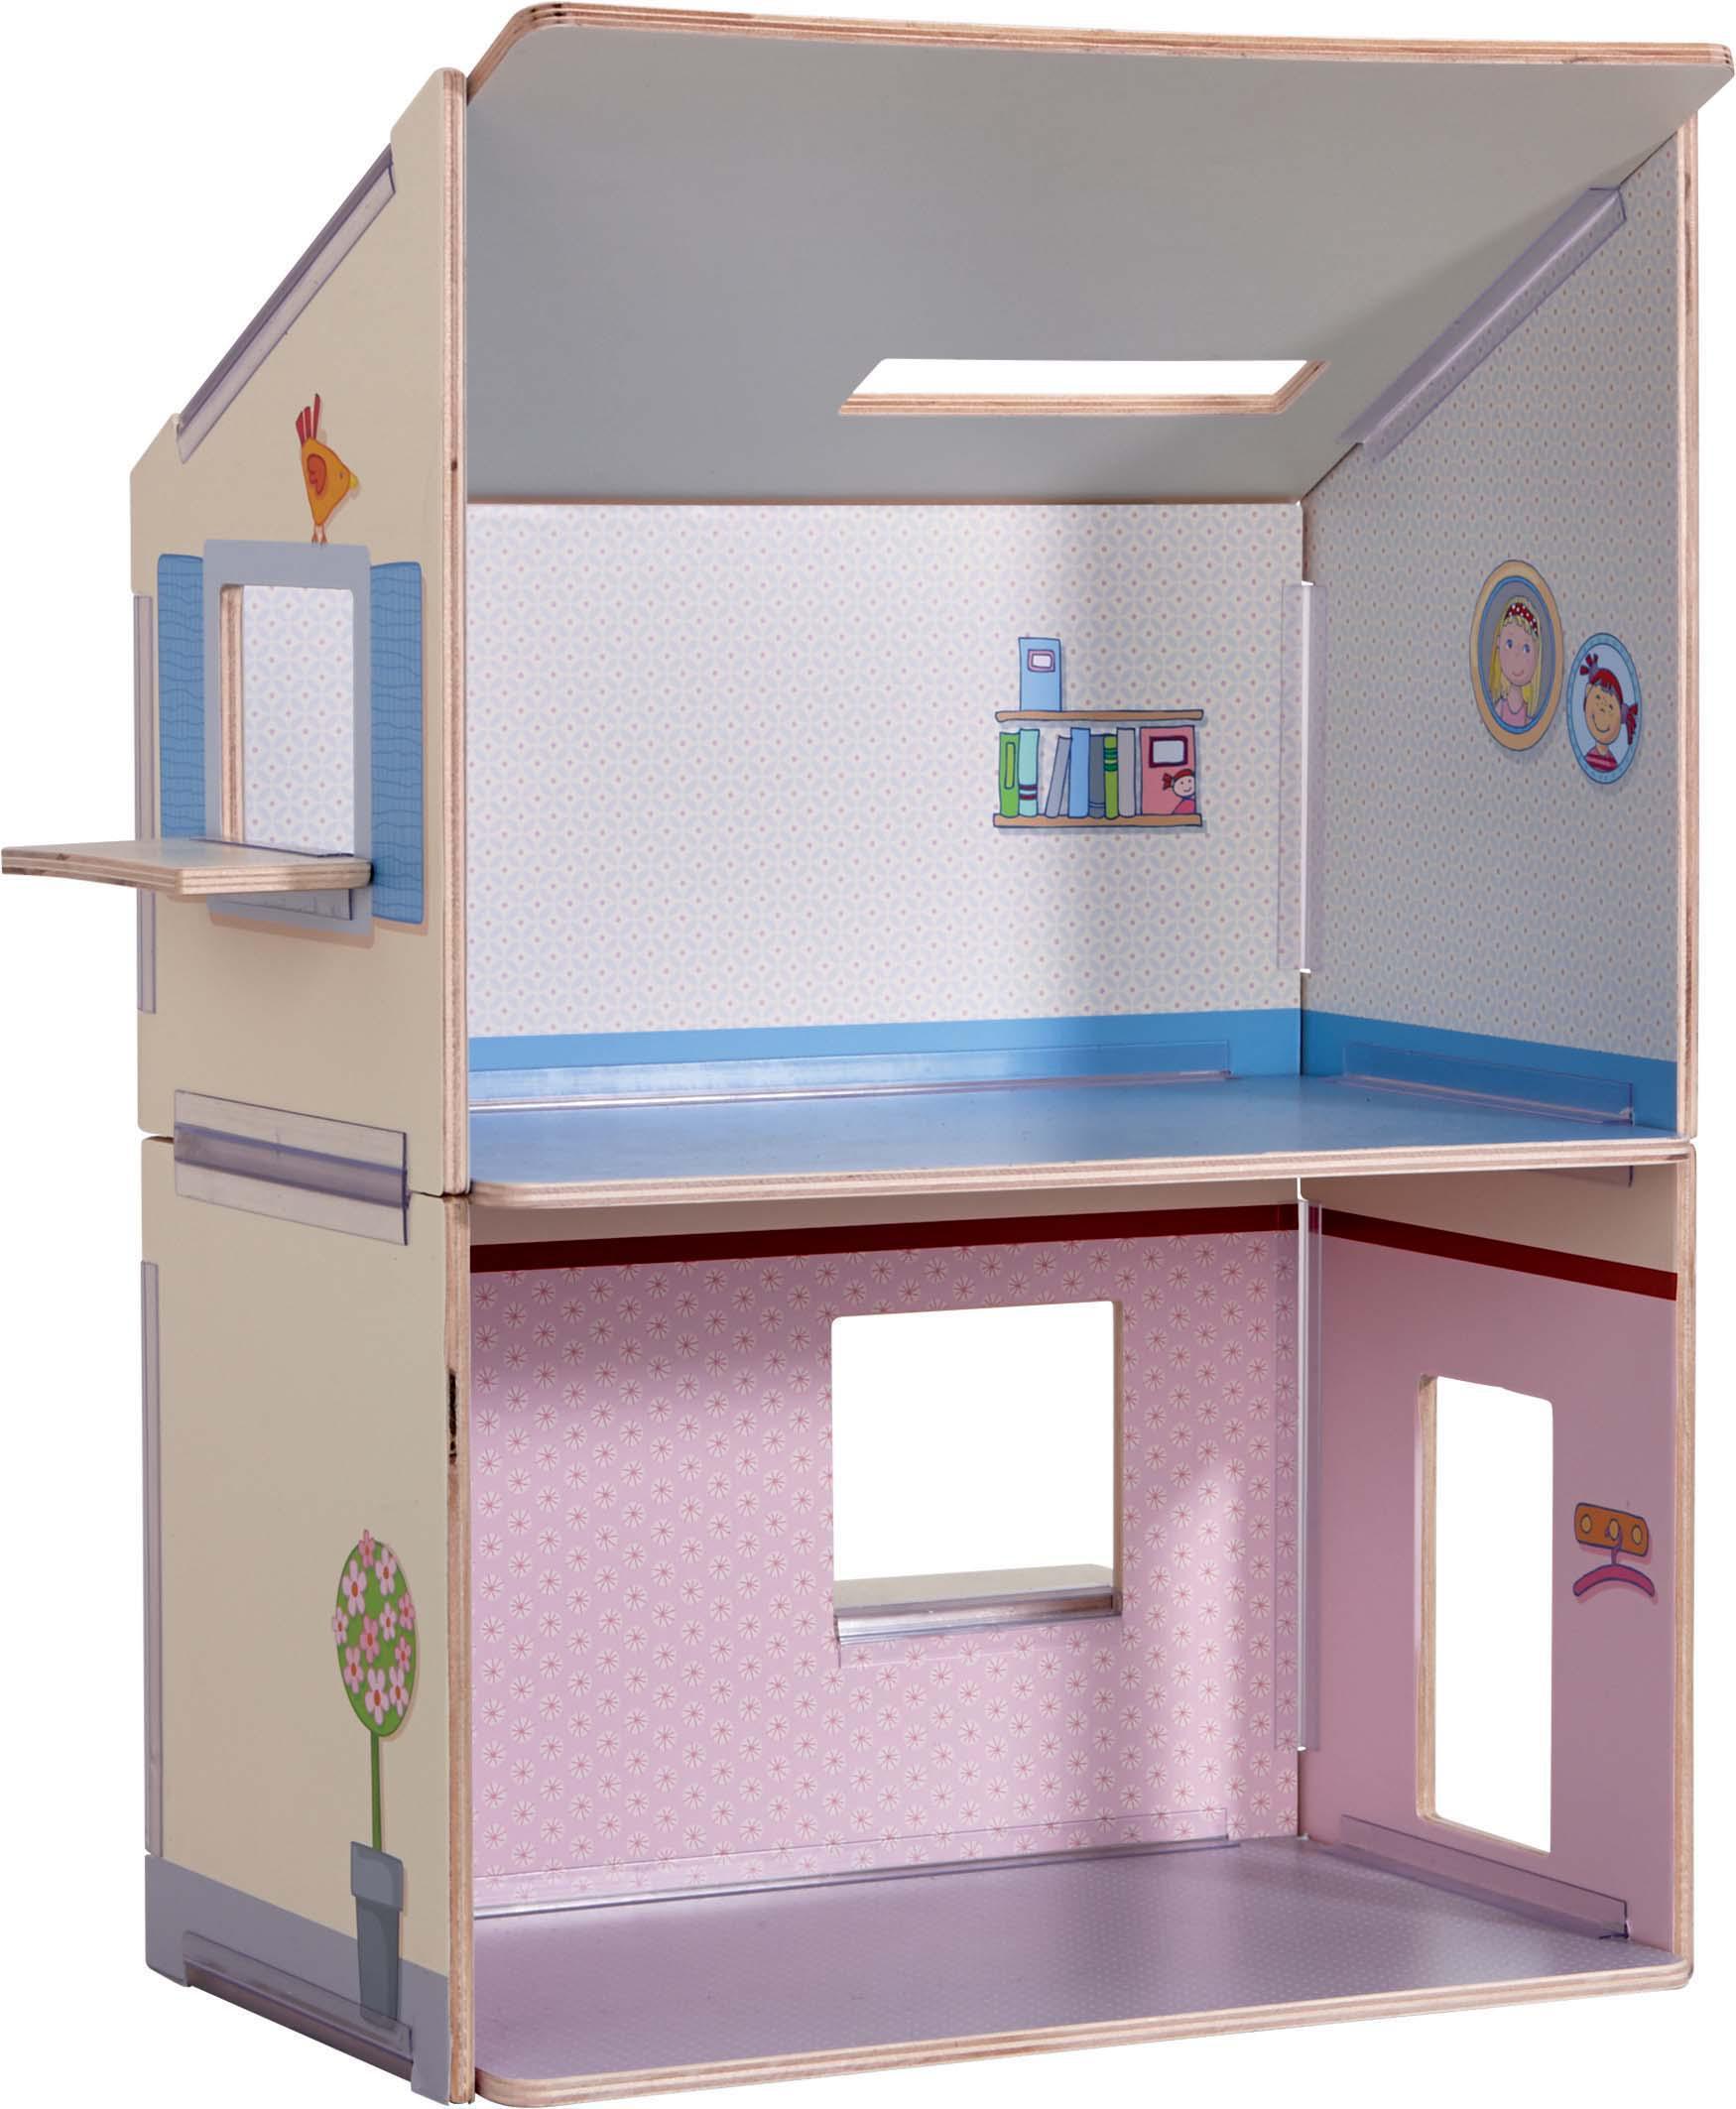 Haba Puppenhaus Little Friends | Geschenke im Kinderlampenland kaufen